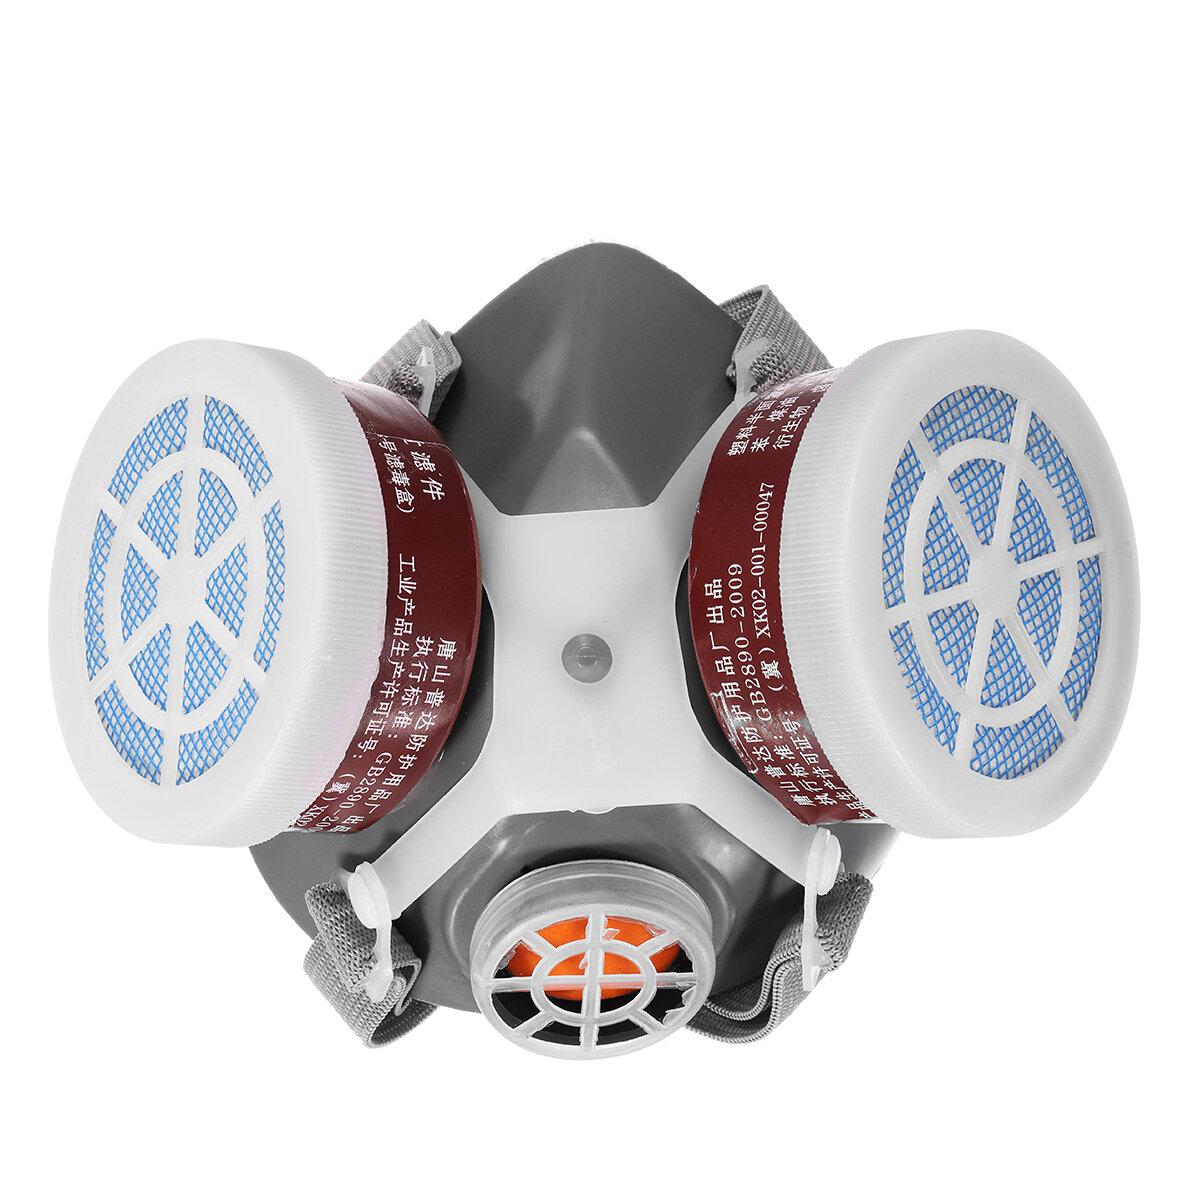 Segurança Respirador Gás Máscara Segurança Química Anti-Poeira Filtro Militar Local de Trabalho Segurança Proteção